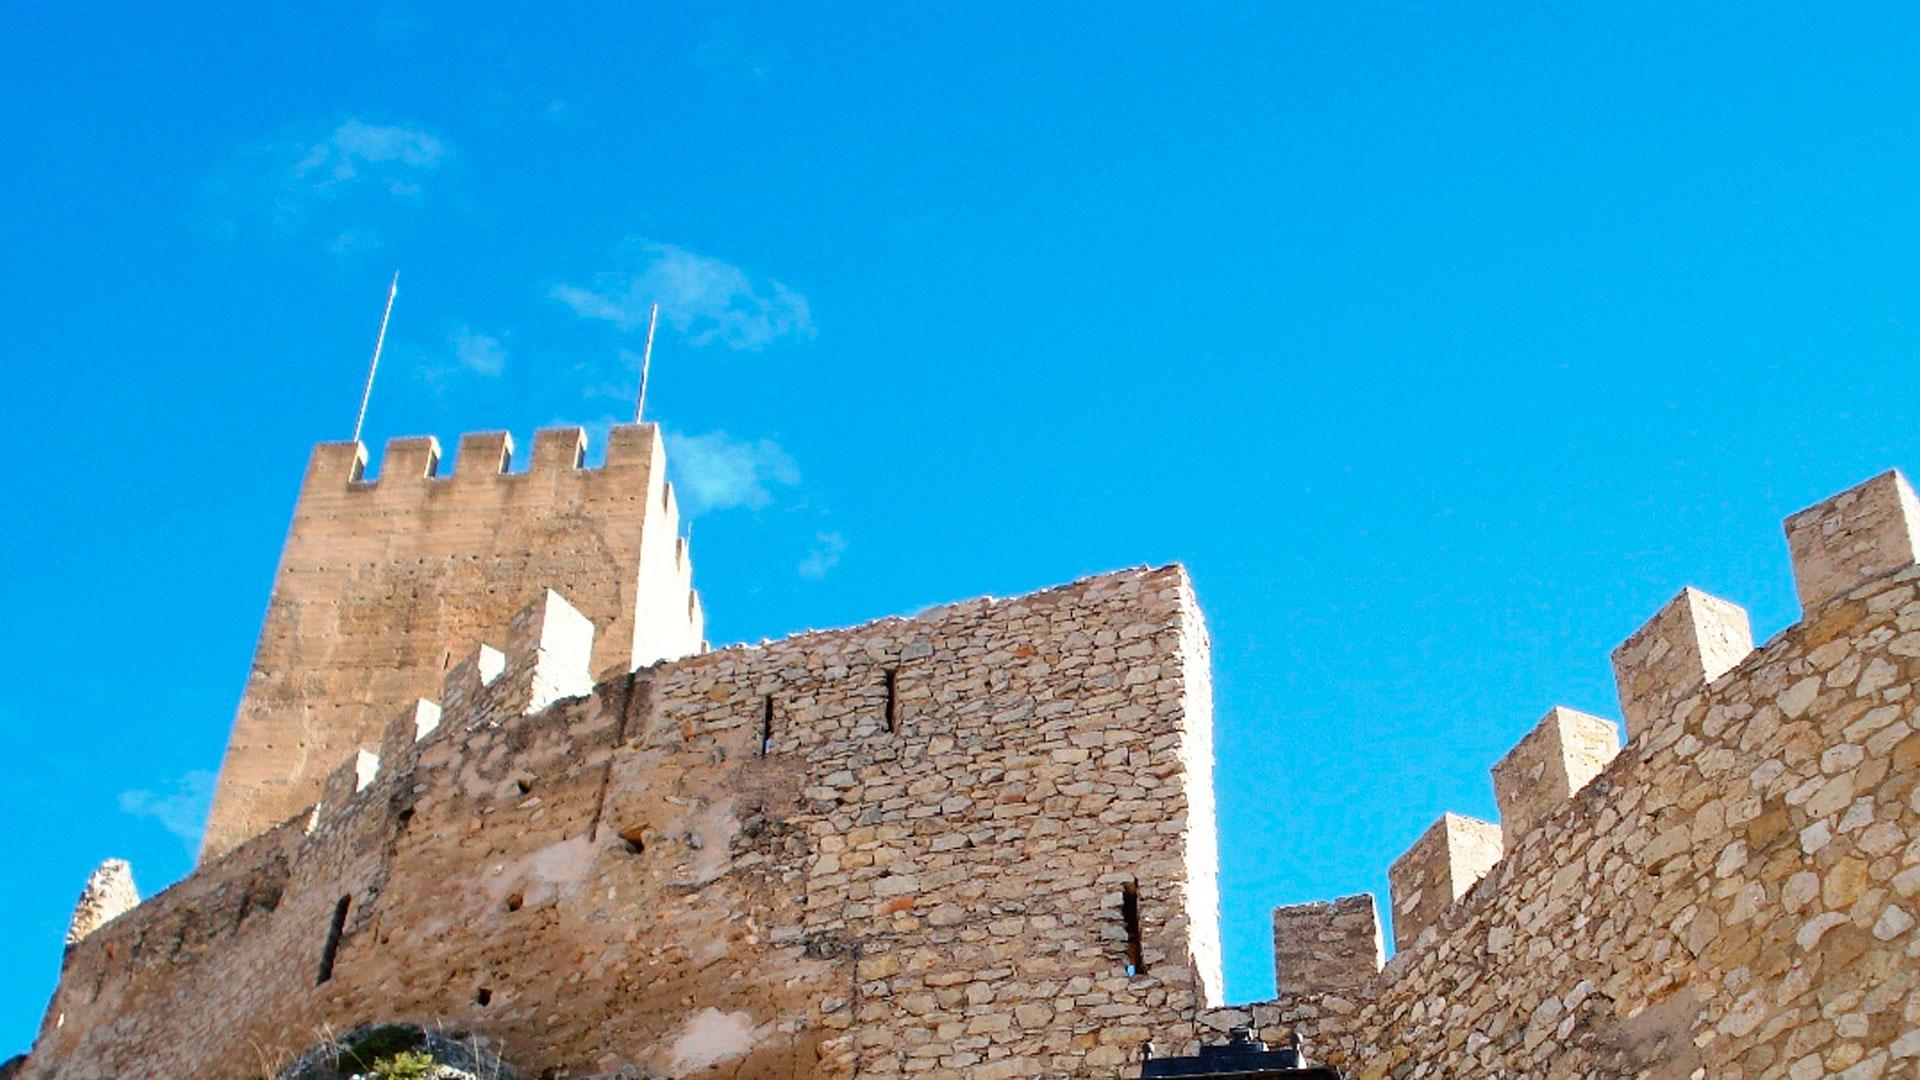 Imagen de castillo en la provincia de Alicante